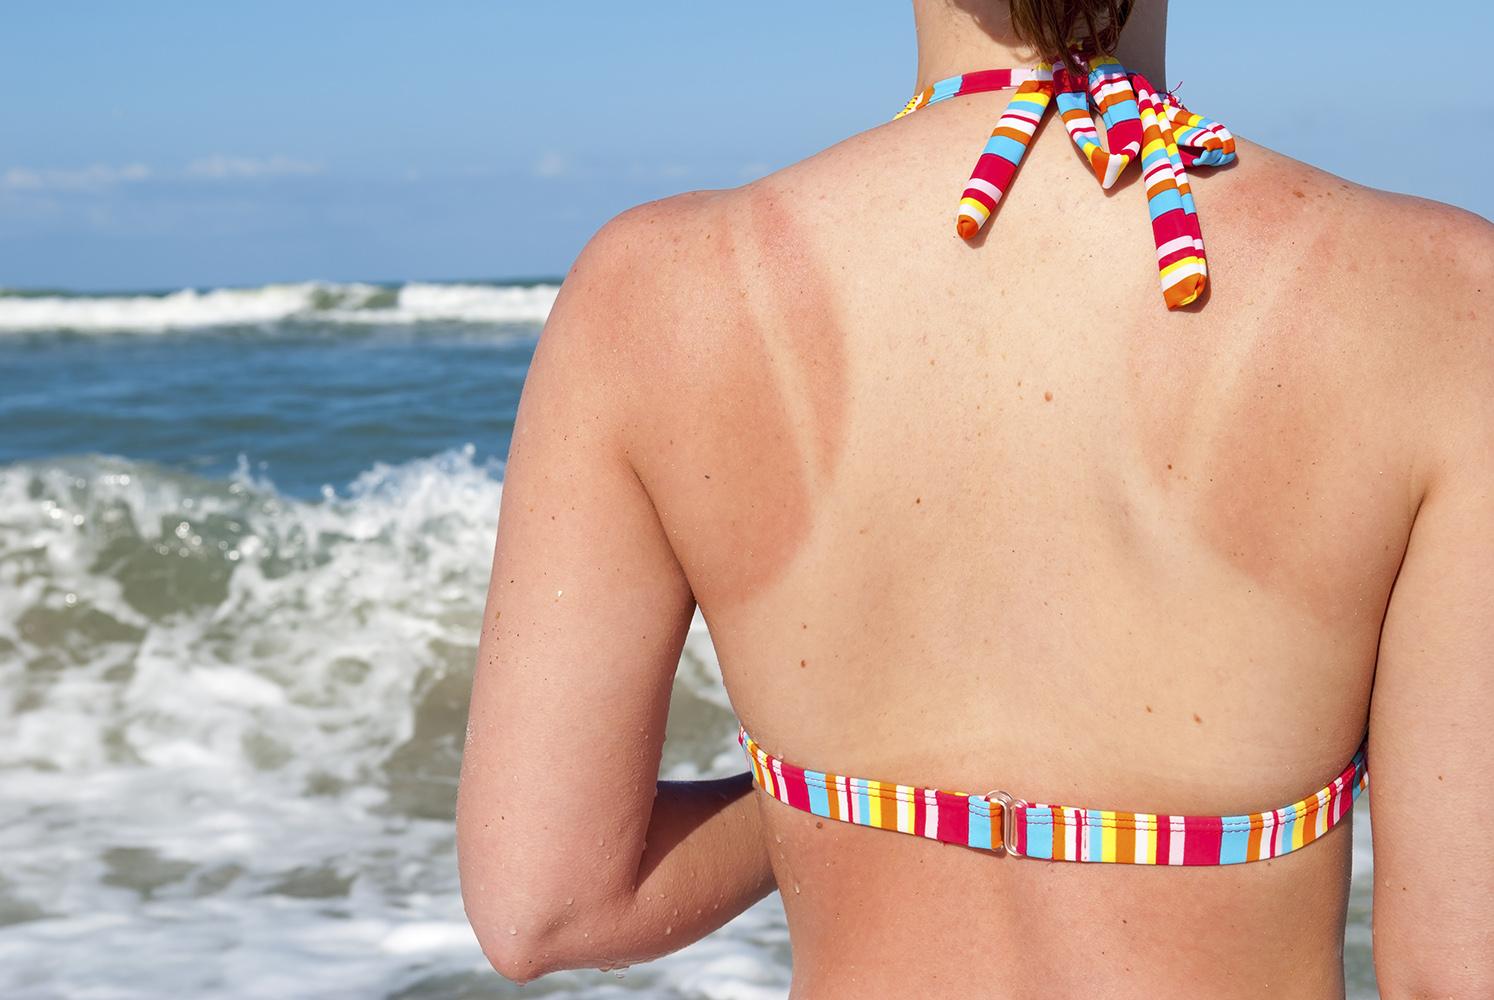 Что делать, если обгорел на солнце: первая помощь взрослому и ребенку. Как лечить кожу, которая болит после загара